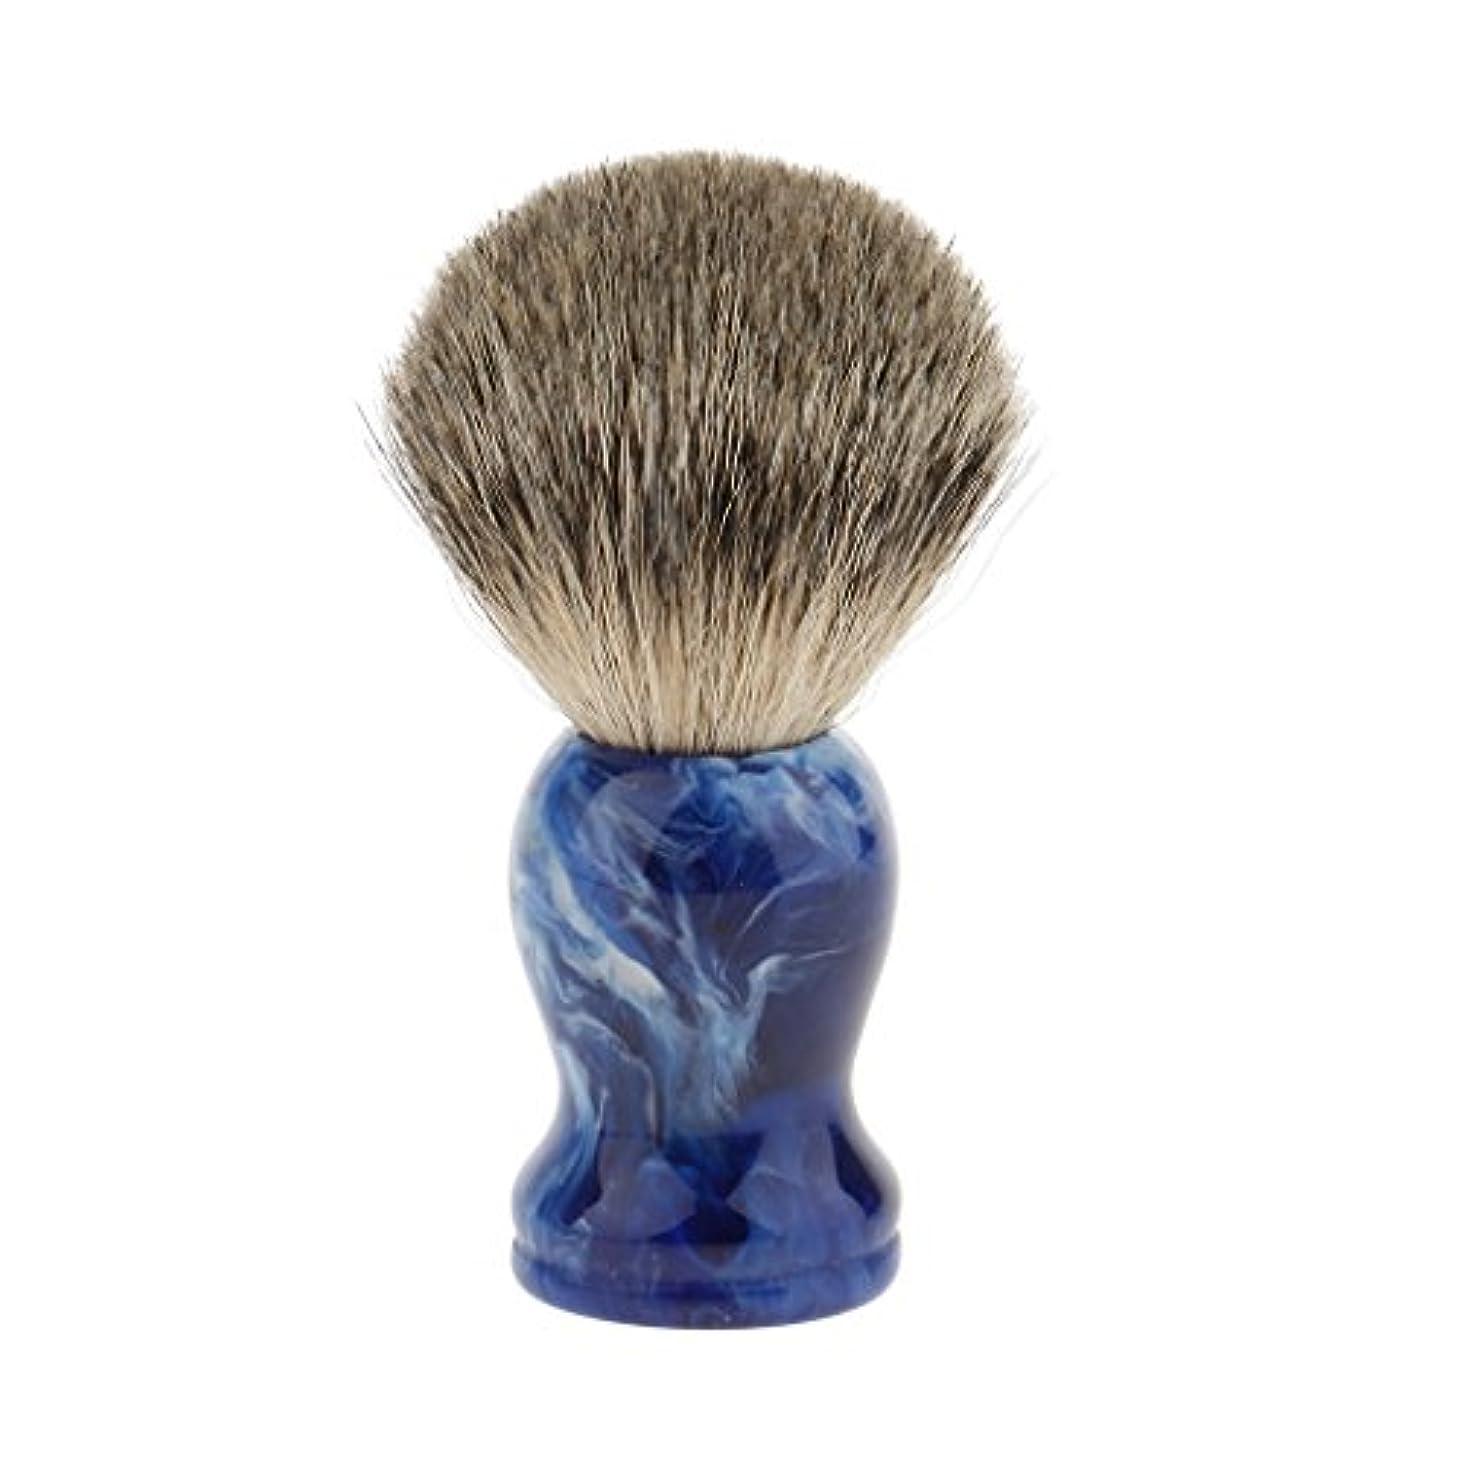 アグネスグレイアルファベット順方言シェービングブラシ 理髪師 ひげ クリーニングツール プロ サロン 家庭 個人用